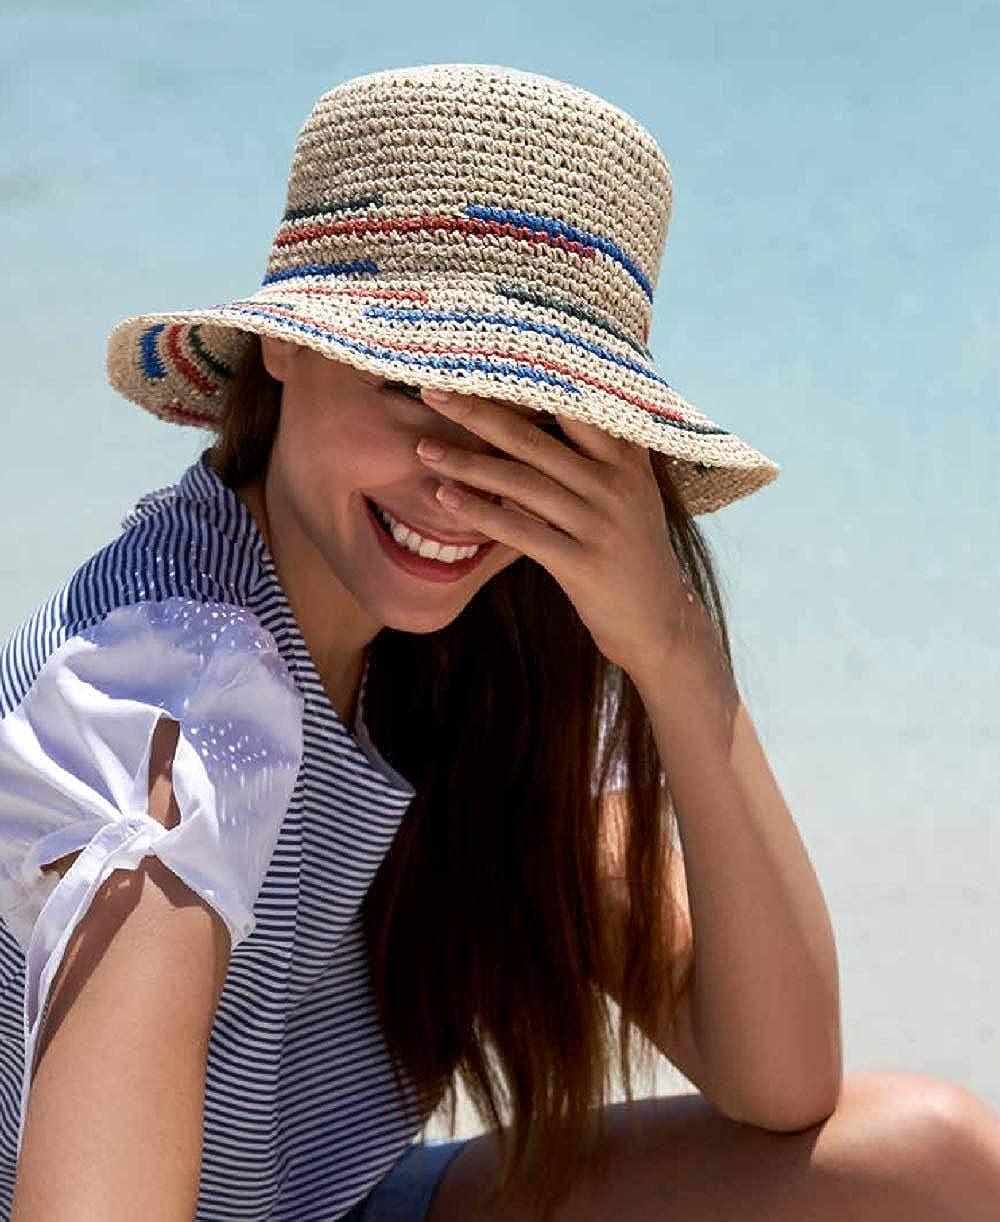 2020 Fr/ühling//Sommer Kollektion in beige Sonnenhut Damen Strandhut mit Band gr/ö/ßenverstellbar HAT YOU Sommerhut f/ür Damen faltbar f/ür den Strand